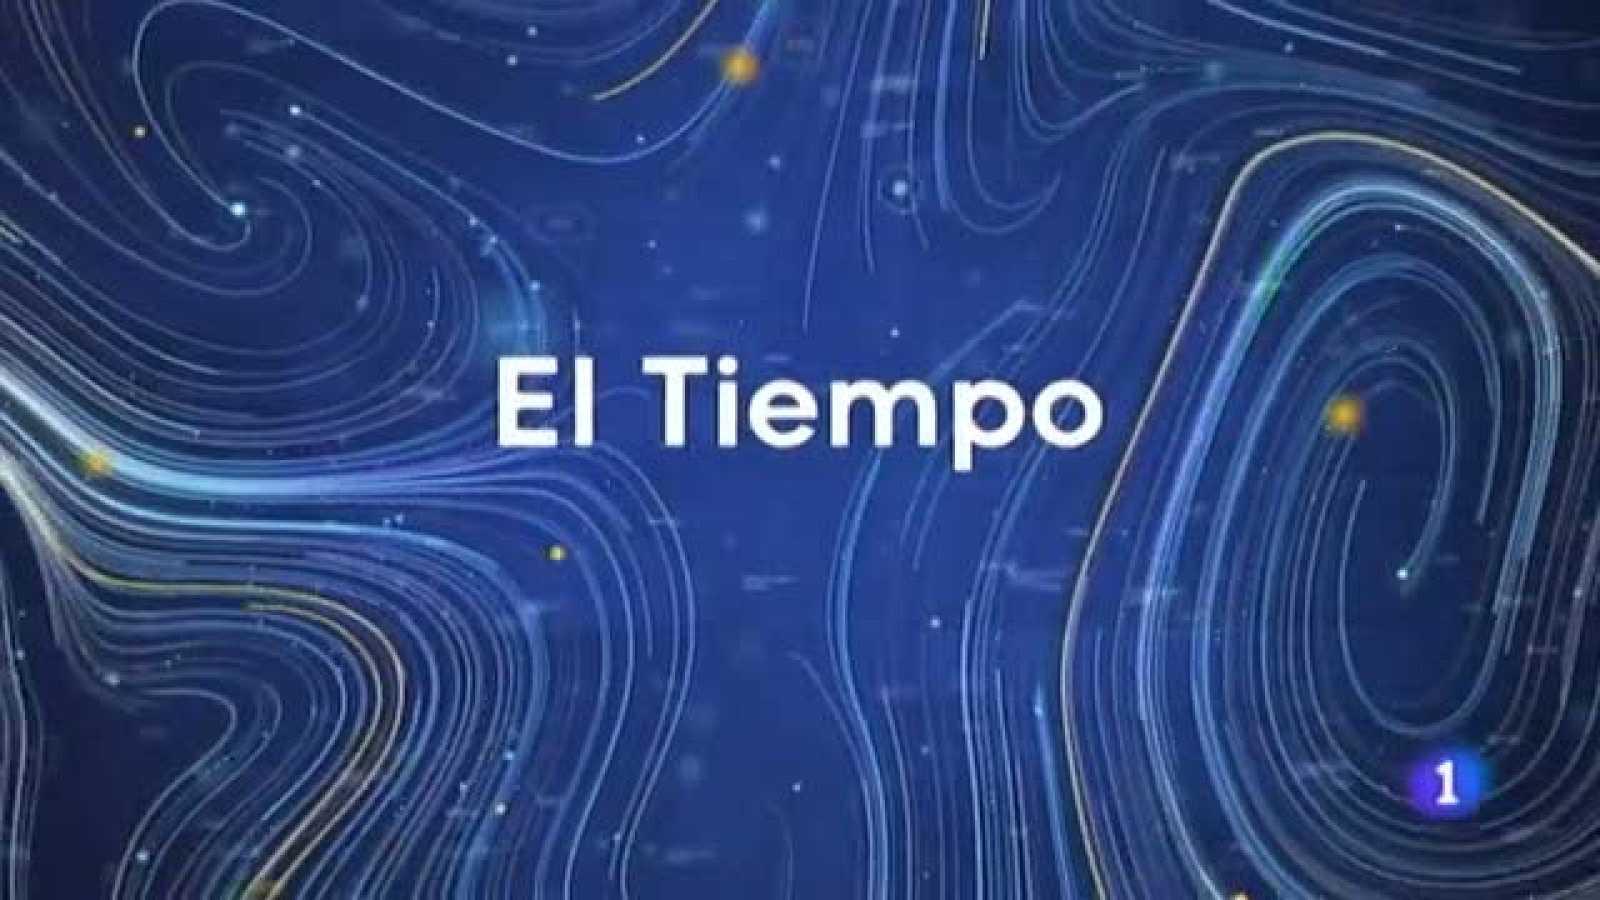 El tiempo en Navarra - 22/2/2021